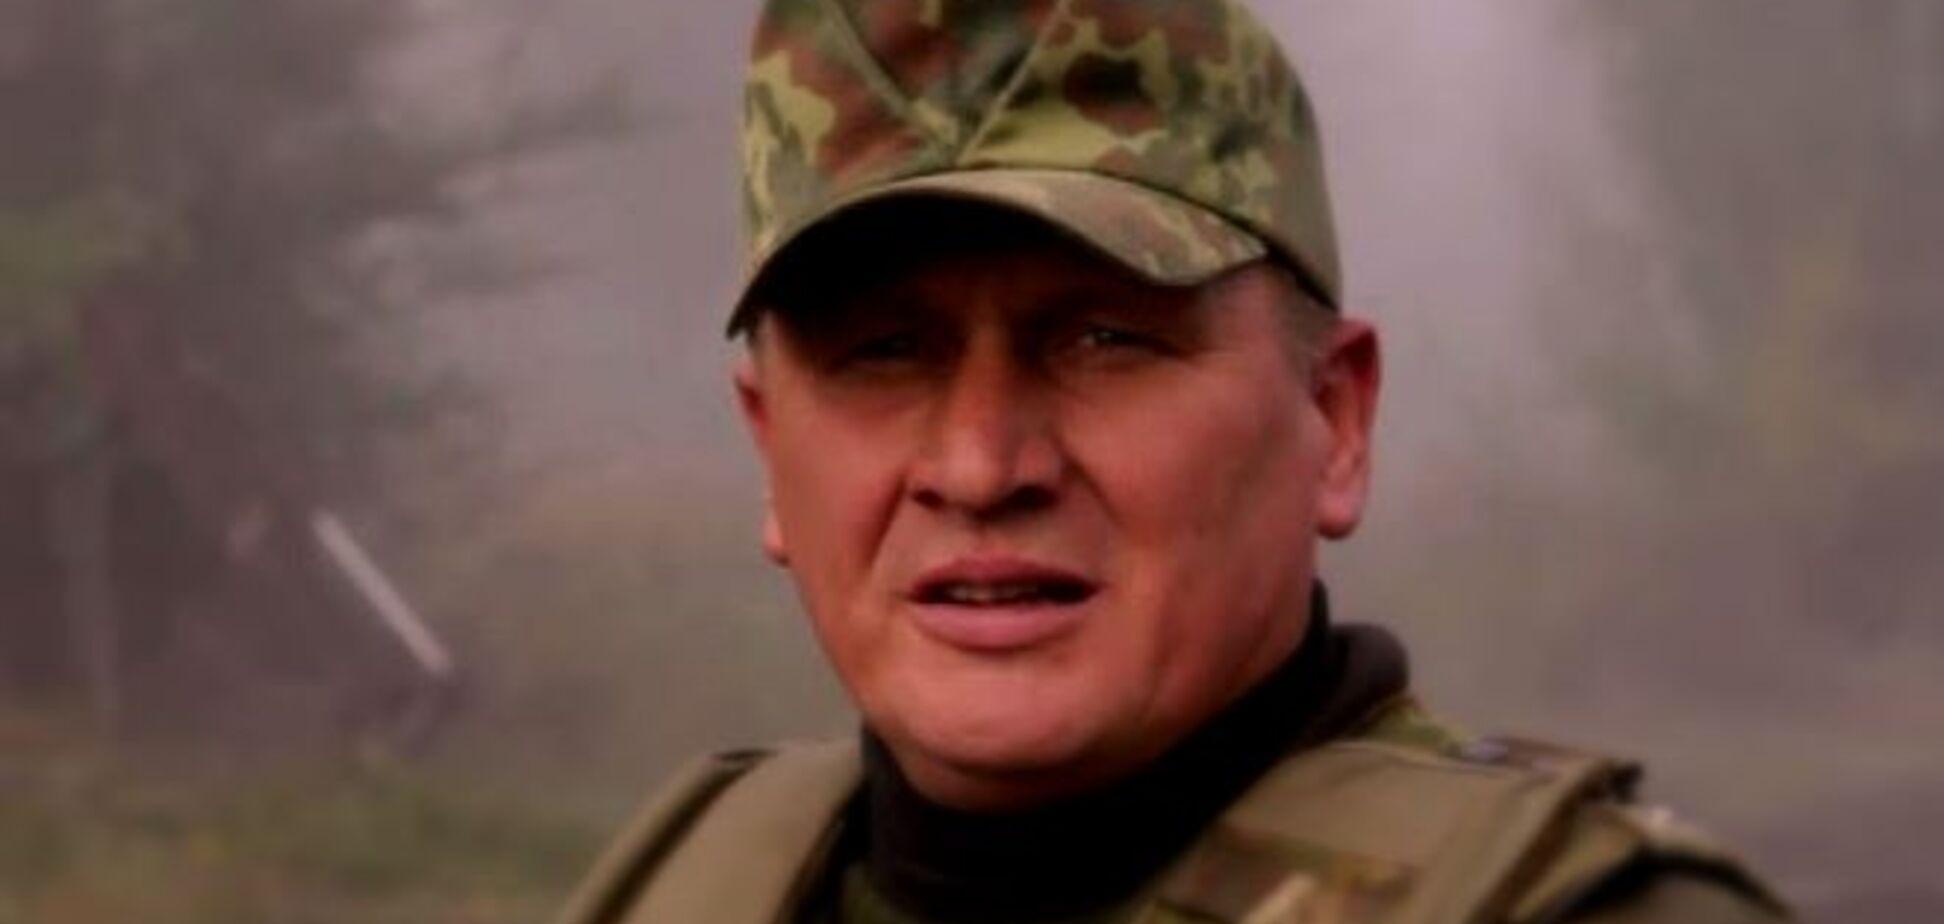 93-тя бригада ВСУ вимагає від батальйону ОУН покинути позиції - комбат